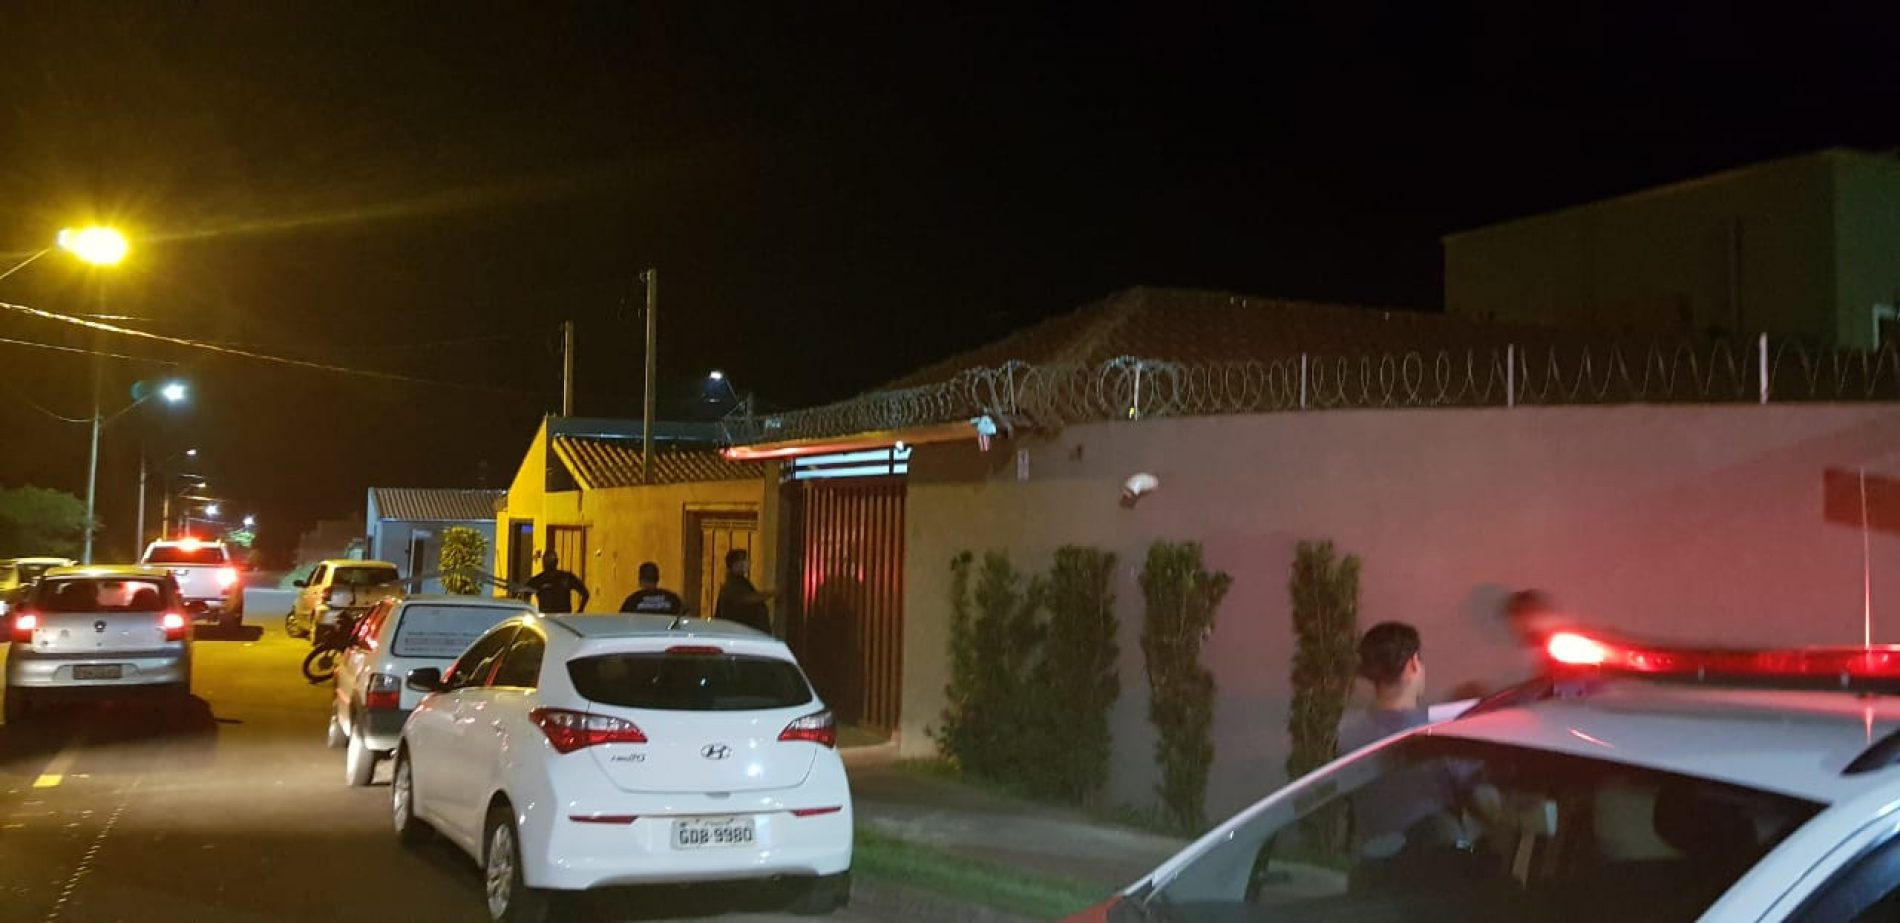 RELATÓRIO FISCALIZAÇÃO COVID-19 Final de semana – Quatro festas clandestinas fechadas